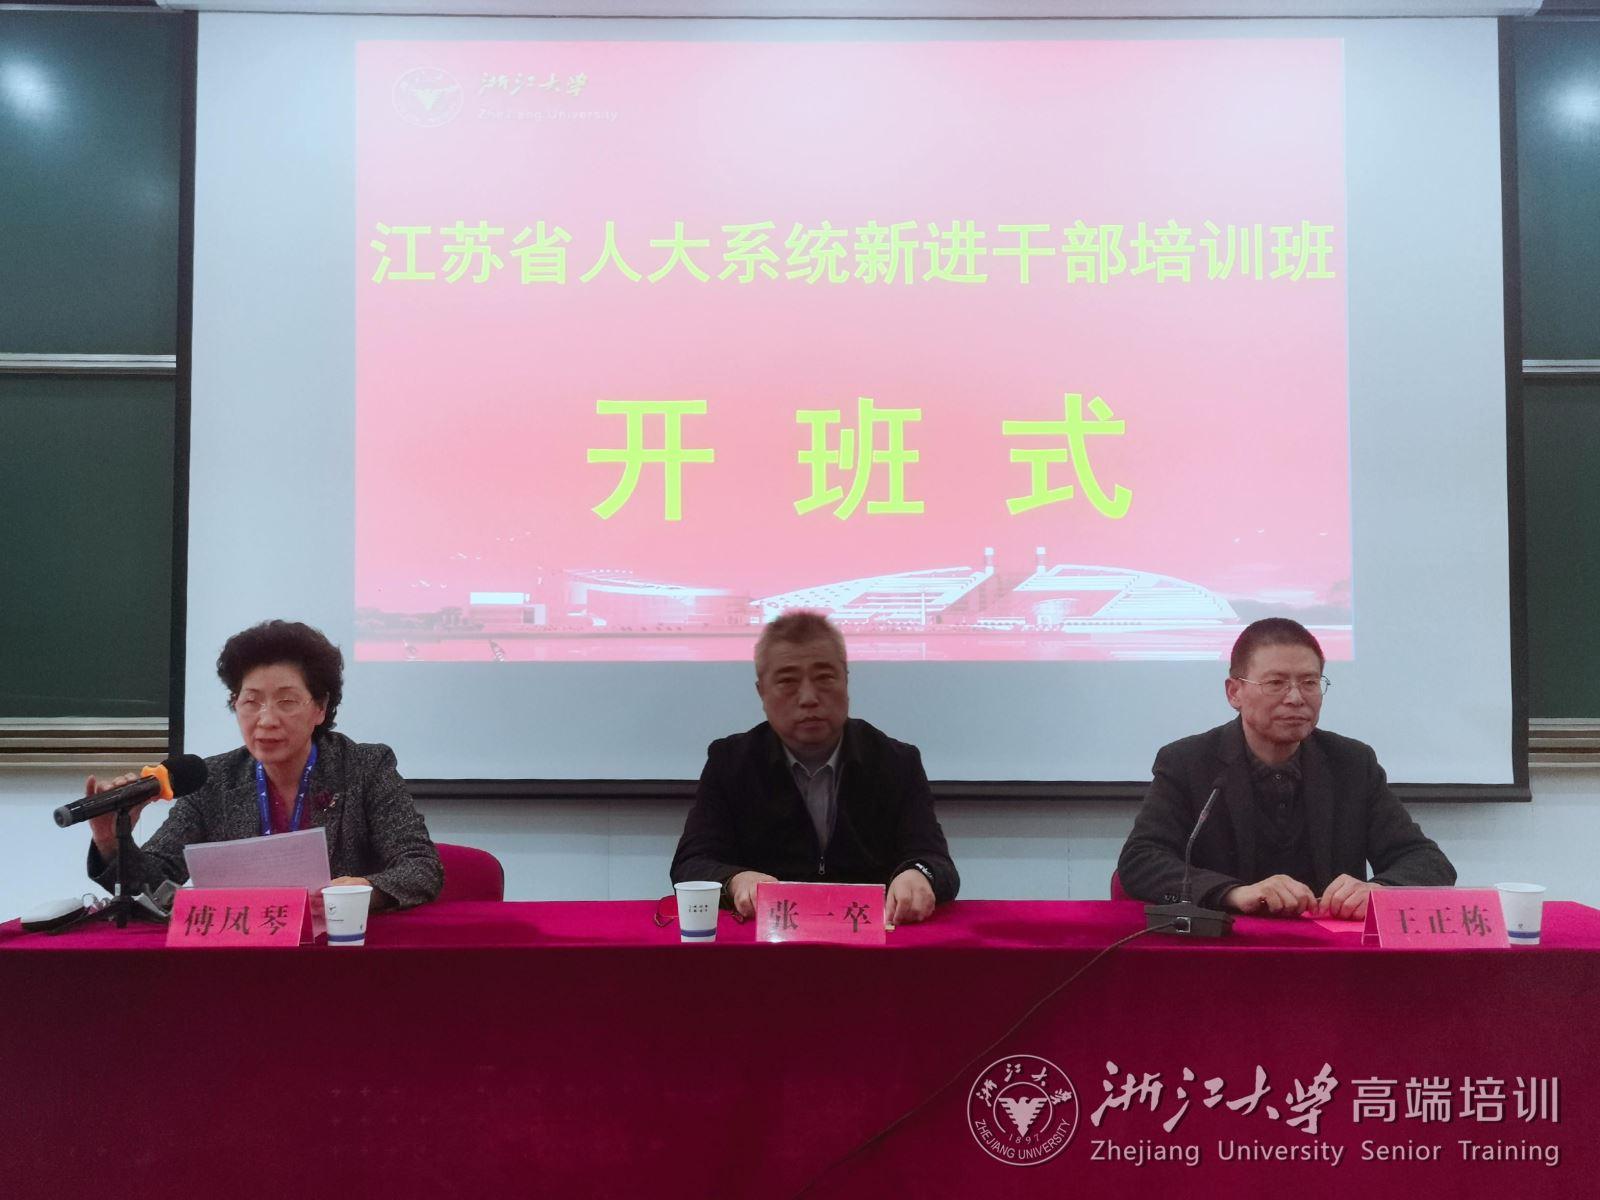 江苏省人大系统新进干部培训班在浙大开班